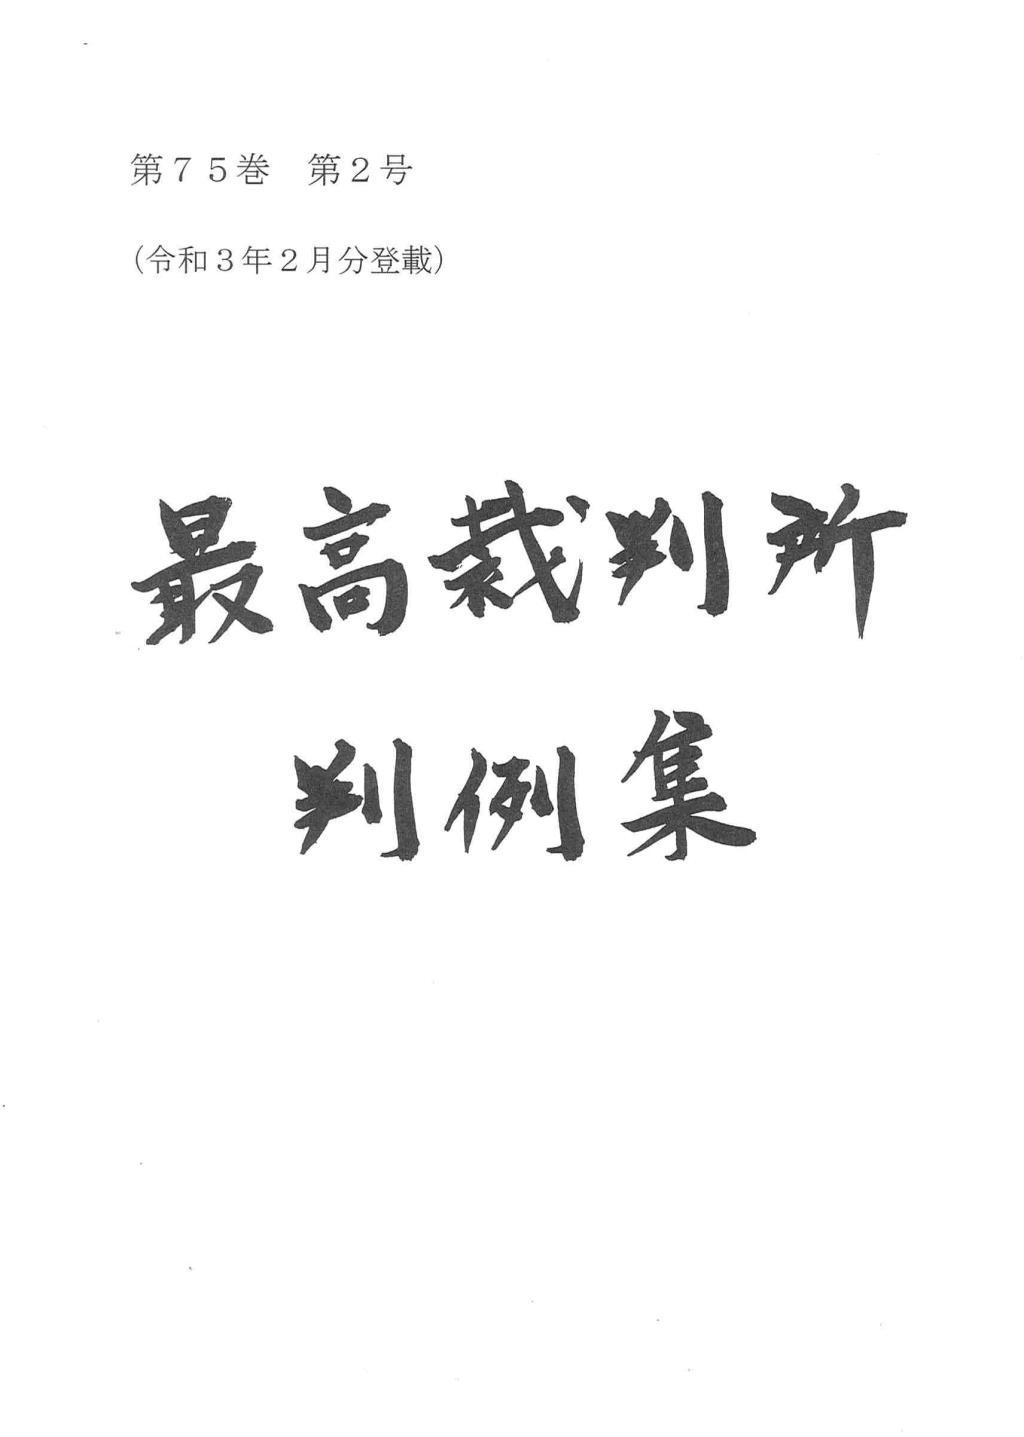 最高裁判所判例集 第75巻 第2号